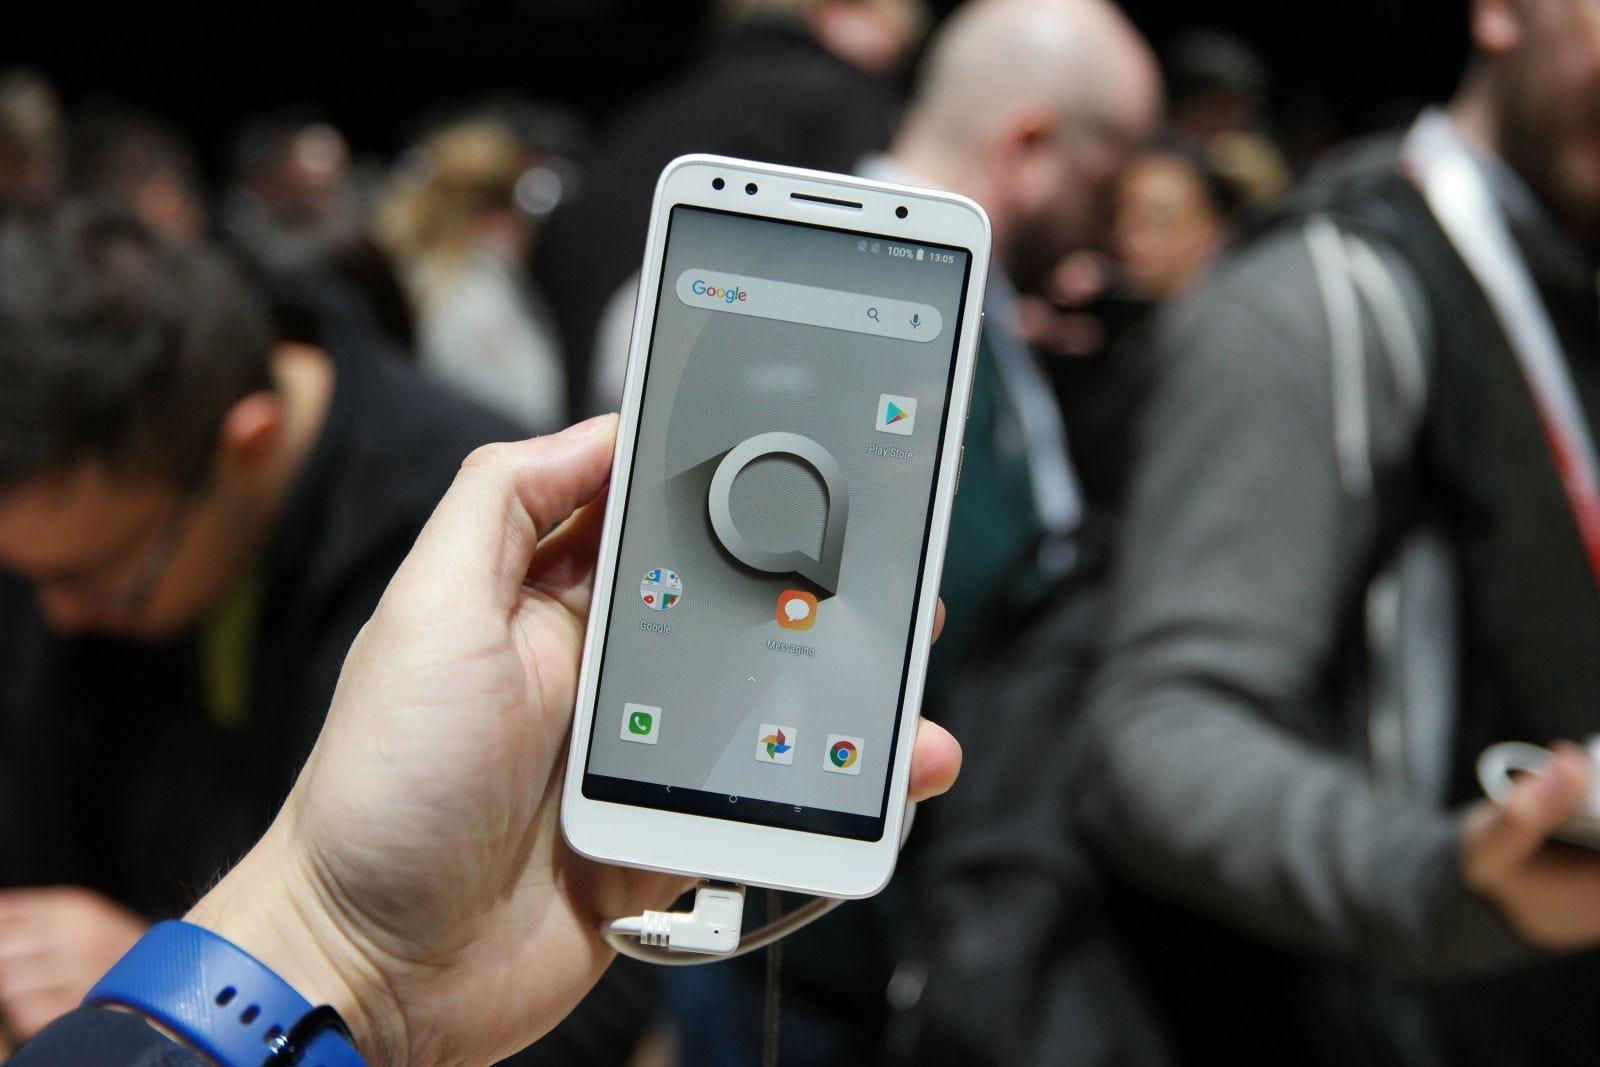 El Series 1 es un teléfono barato y simple que luce como tal.